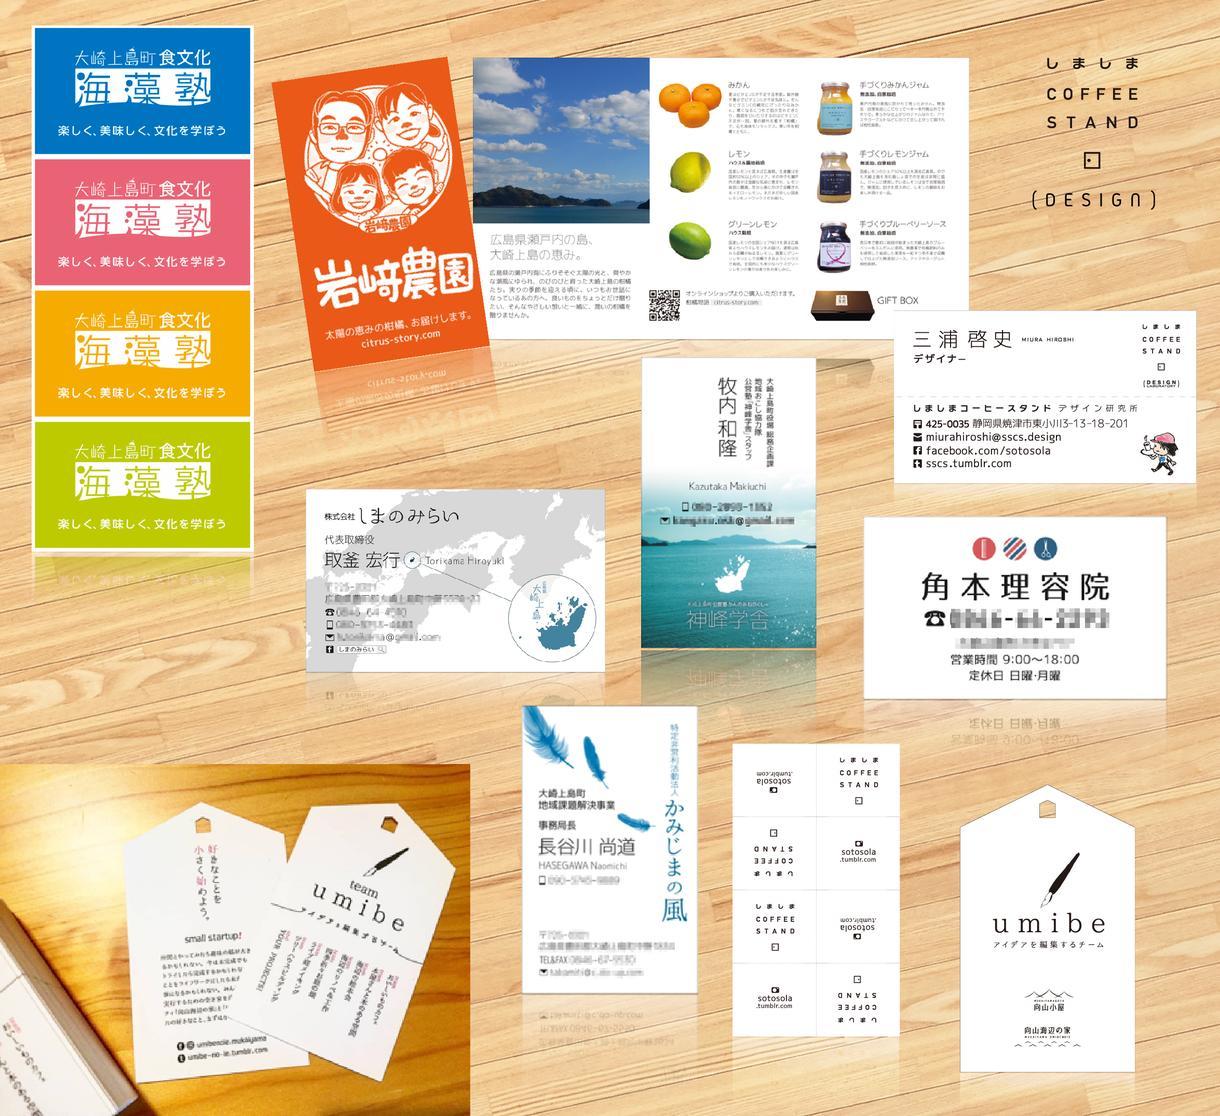 印刷納品。名刺と簡易ロゴで会話のきっかけつくります 名刺でコミュニケーションのきっかけづくりを。簡易ロゴもご提案